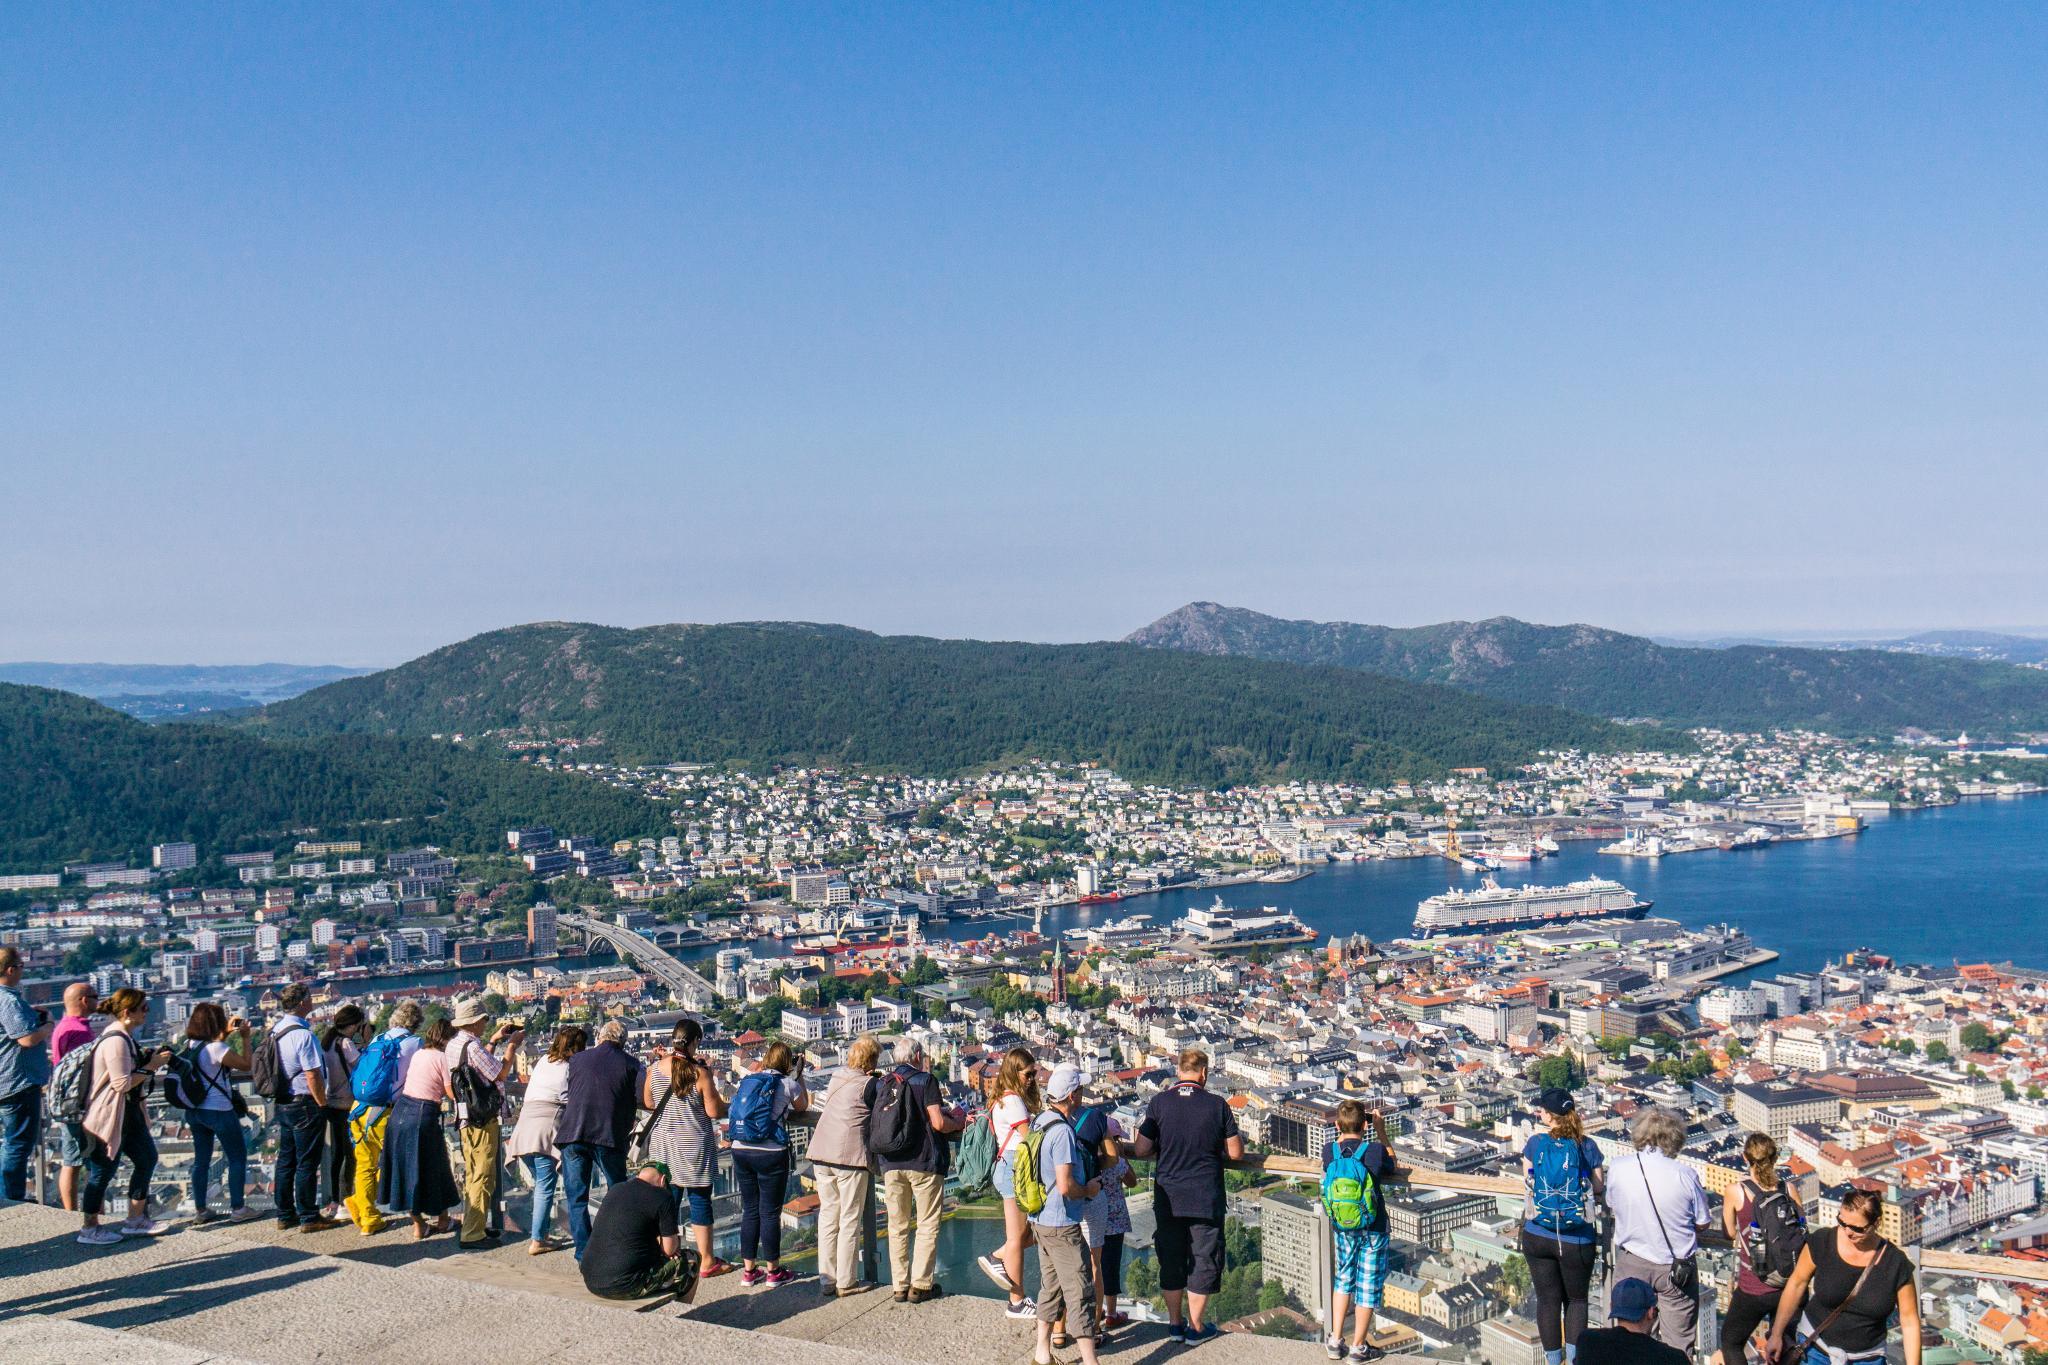 【卑爾根】超級震撼的隱藏版挪威景點 — Stoltzekleiven桑德維克斯石梯與Fløyen佛洛伊恩觀景台大縱走 26